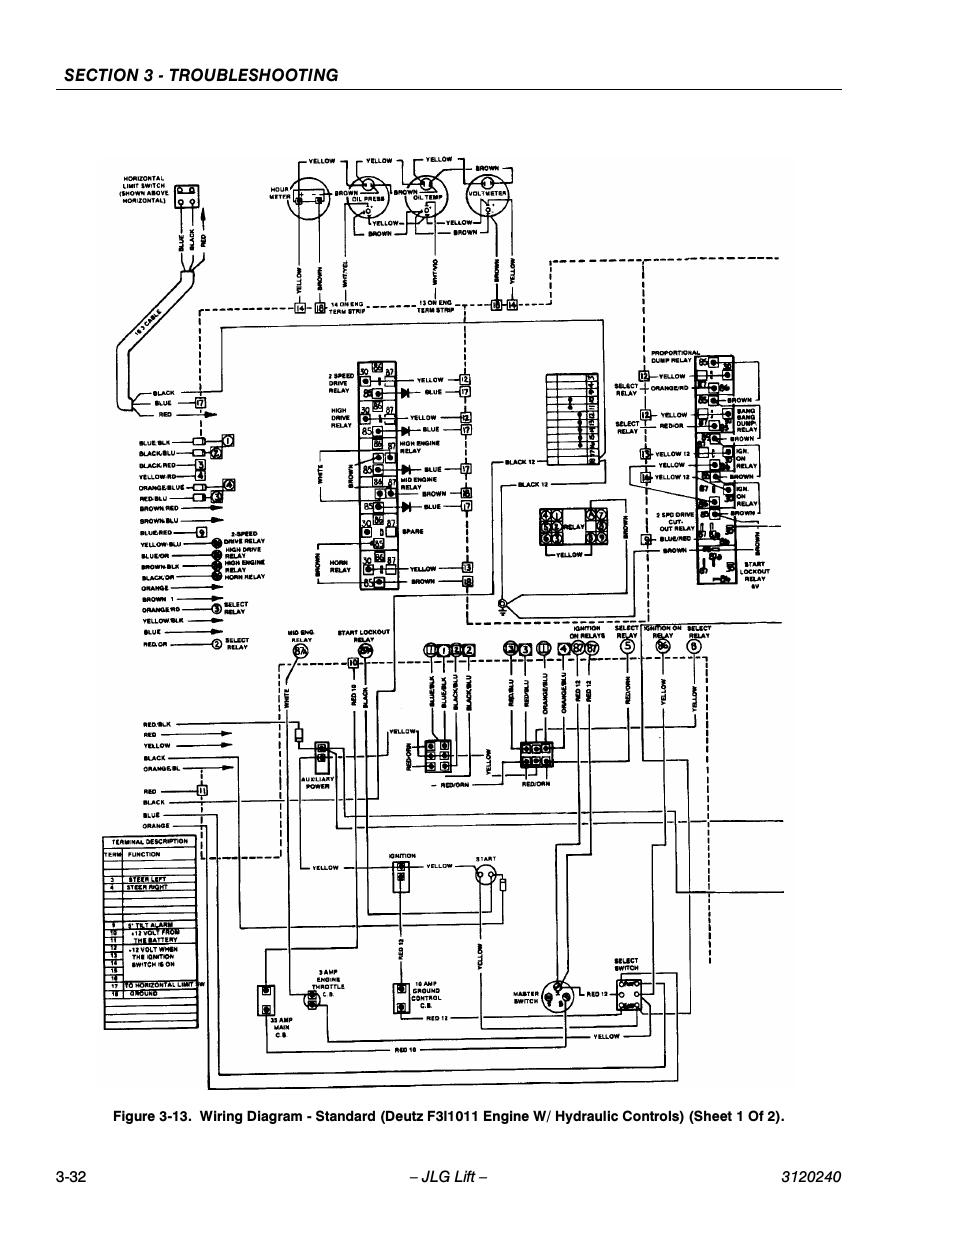 Schema electrique mtx 80